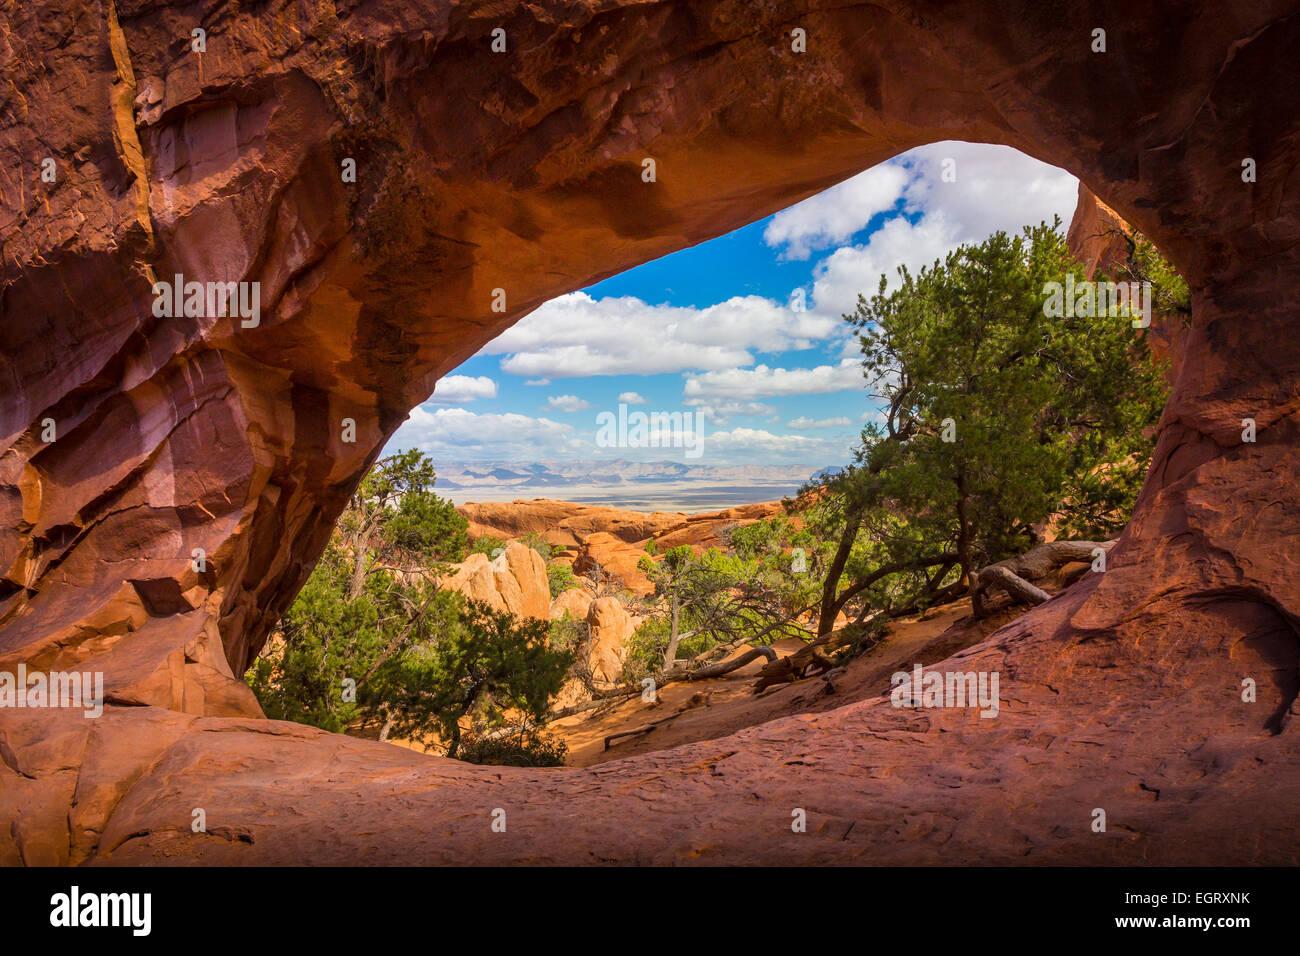 Double O Arch im Arches National Park, ein uns-Nationalpark im östlichen Utah. Stockbild